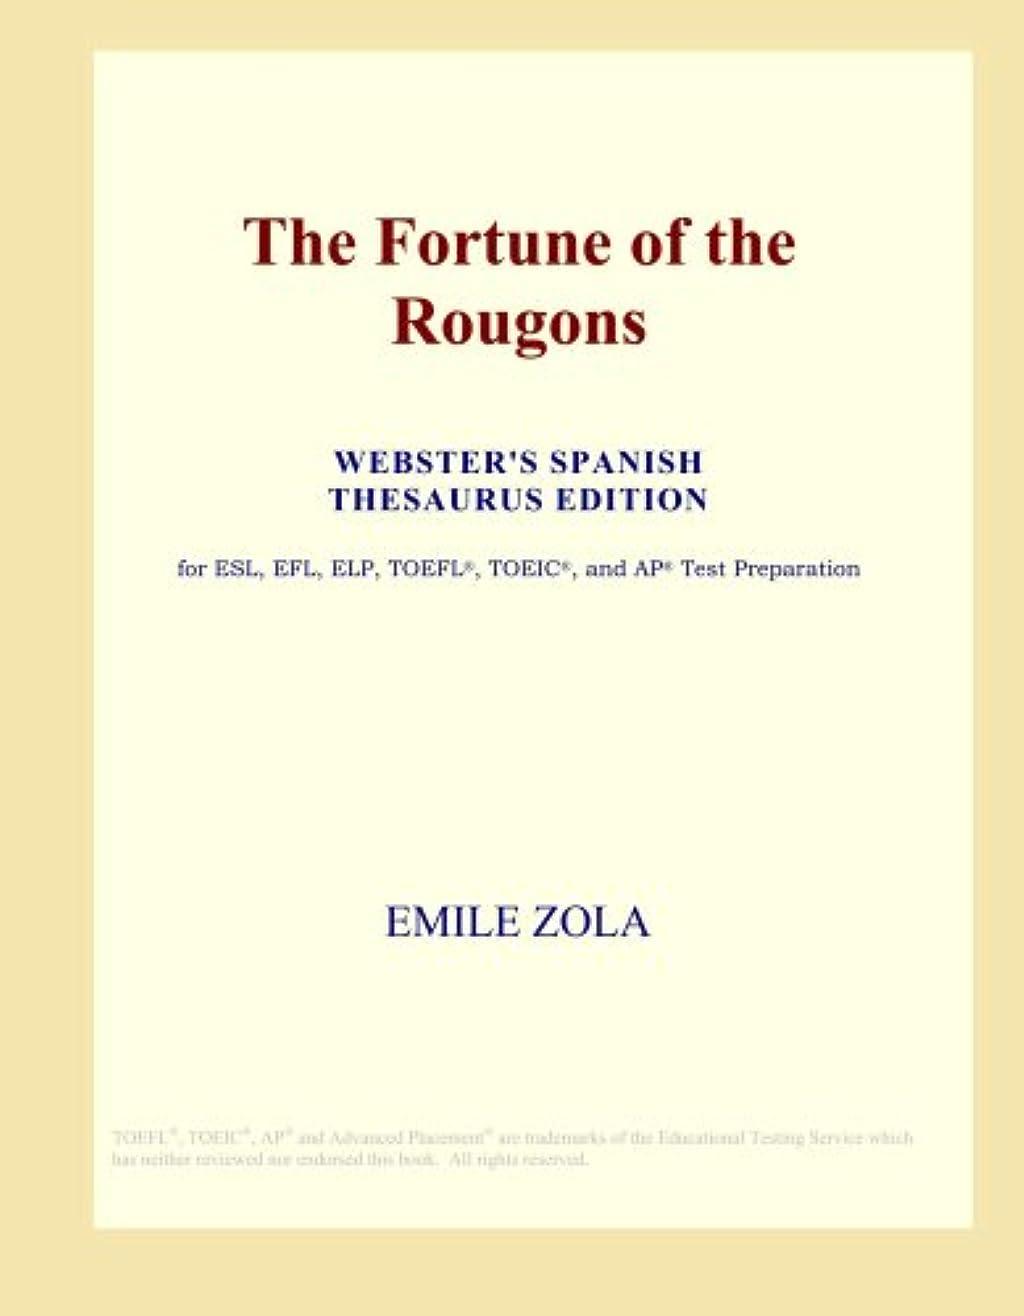 痛いアレキサンダーグラハムベル代表するThe Fortune of the Rougons (Webster's Spanish Thesaurus Edition)